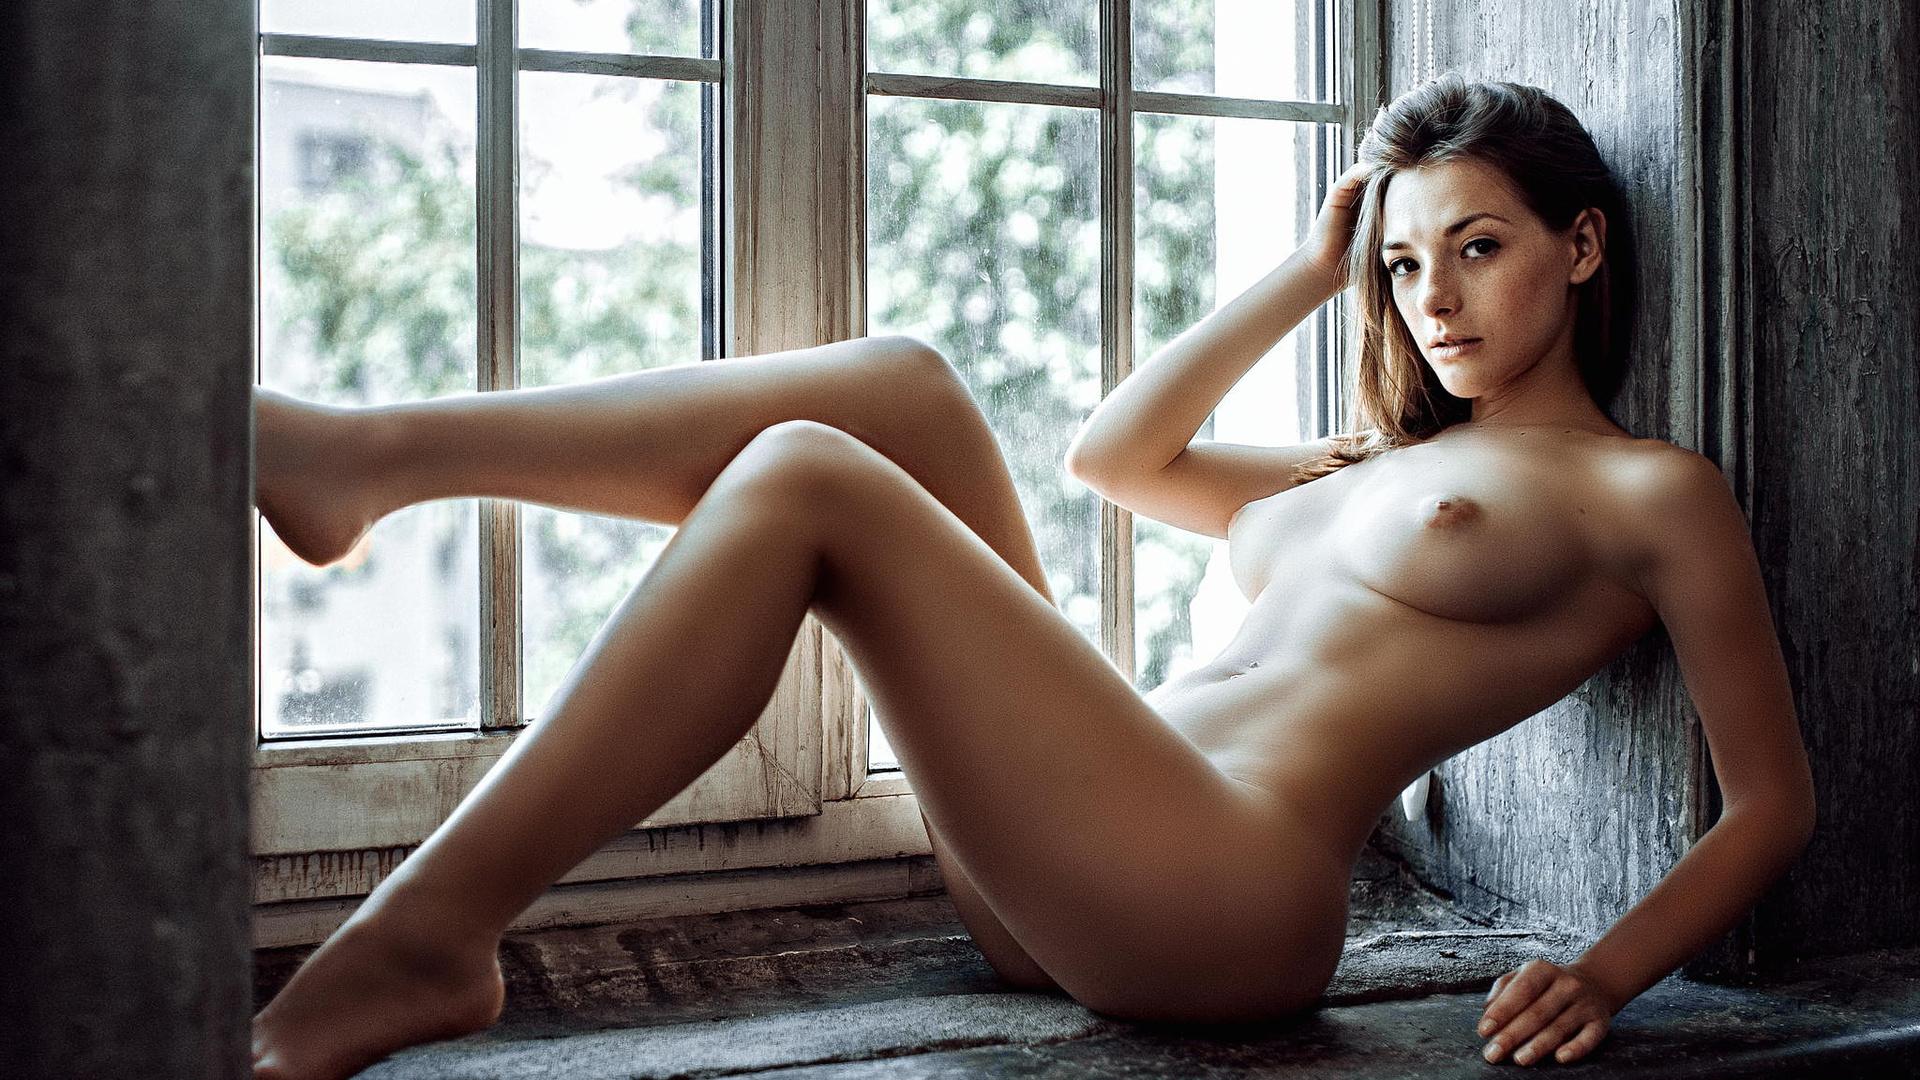 Фото моделей девушек обнаж 3 фотография